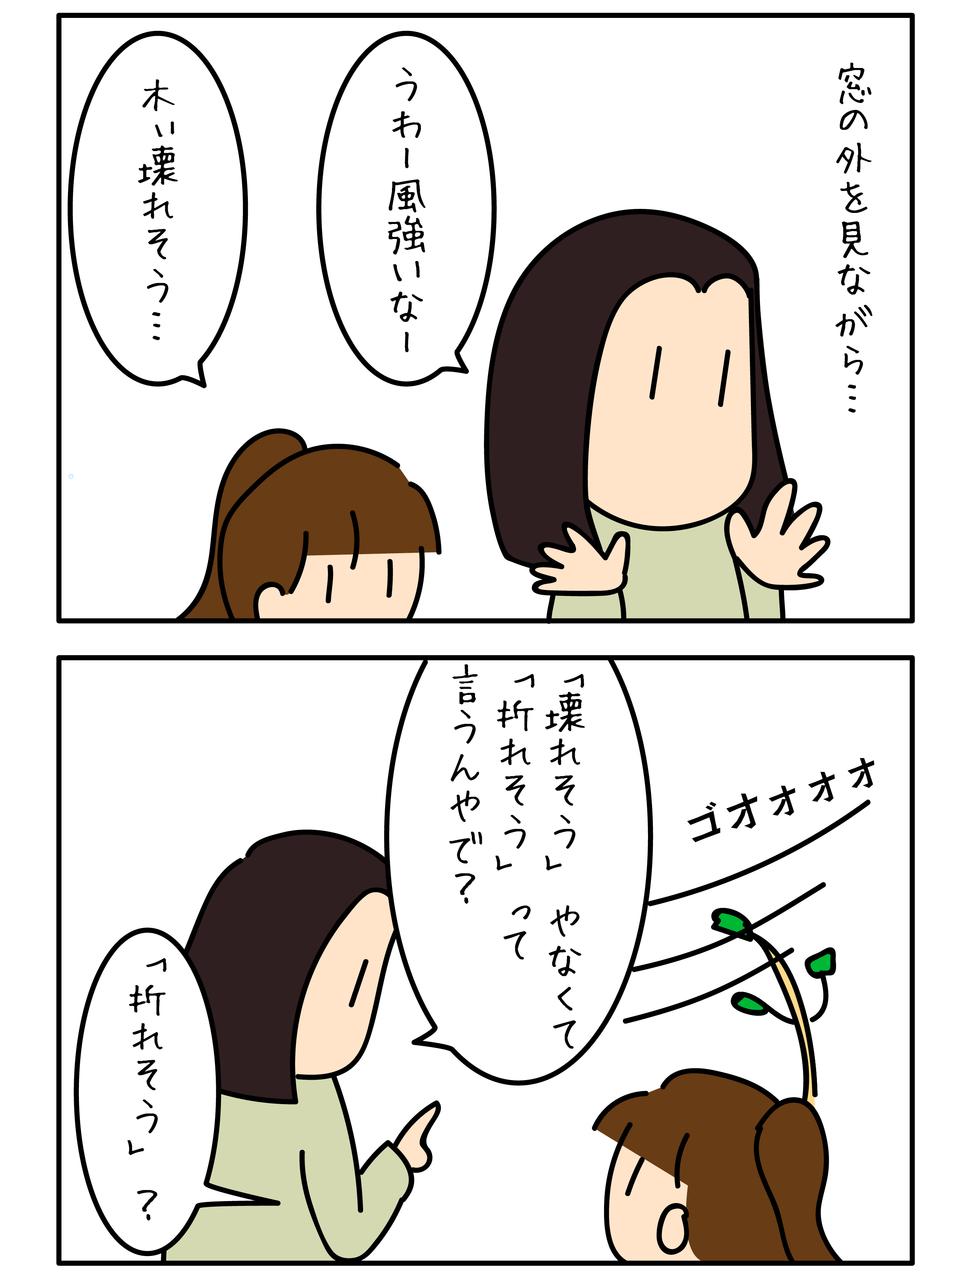 日本語と仏語 : 双子消息